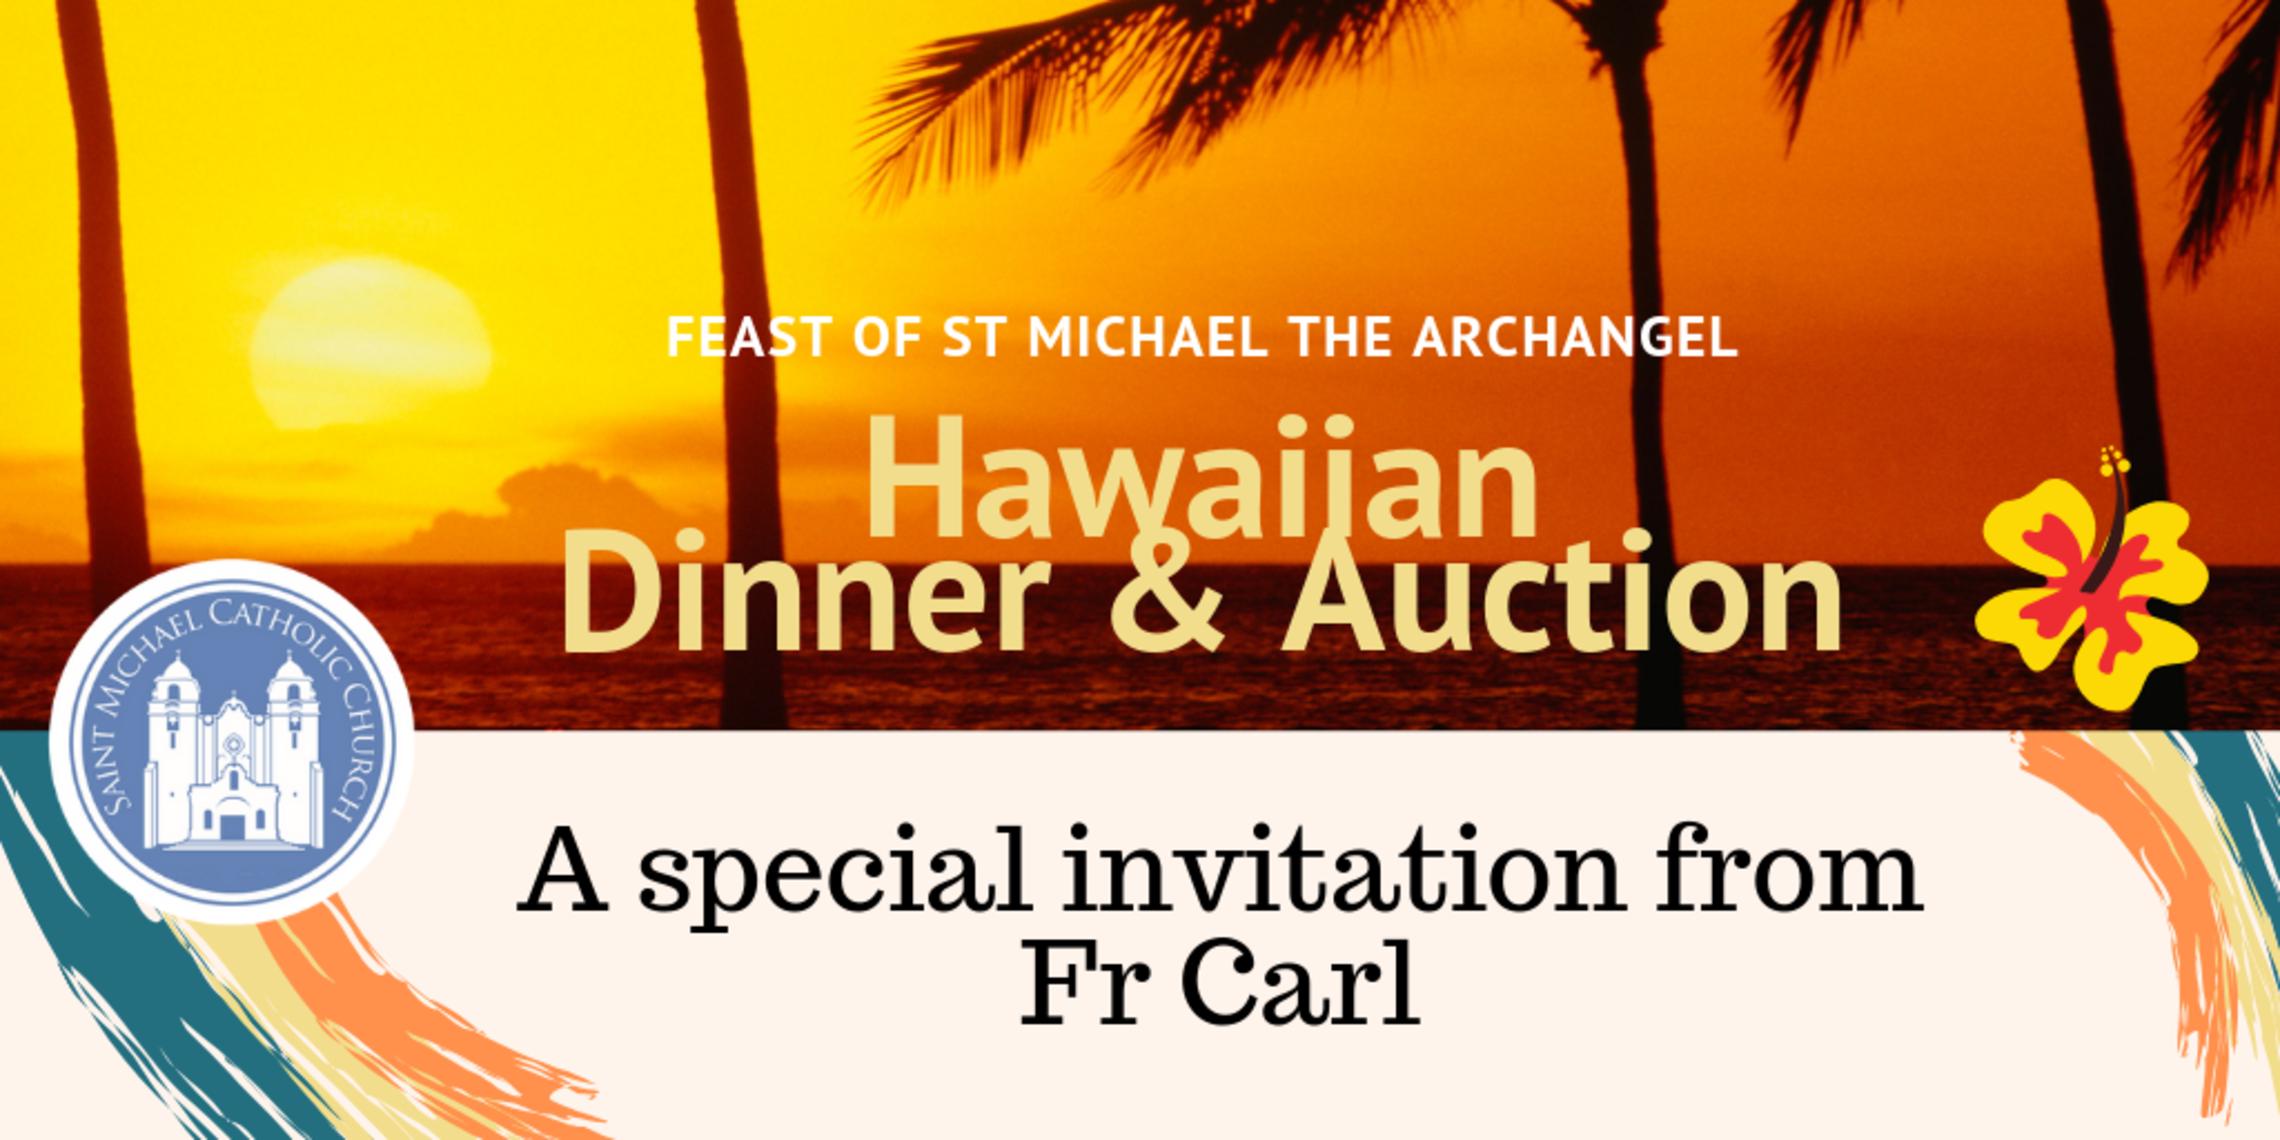 Hawaiian Dinner Auction   Fr Carls Invitation